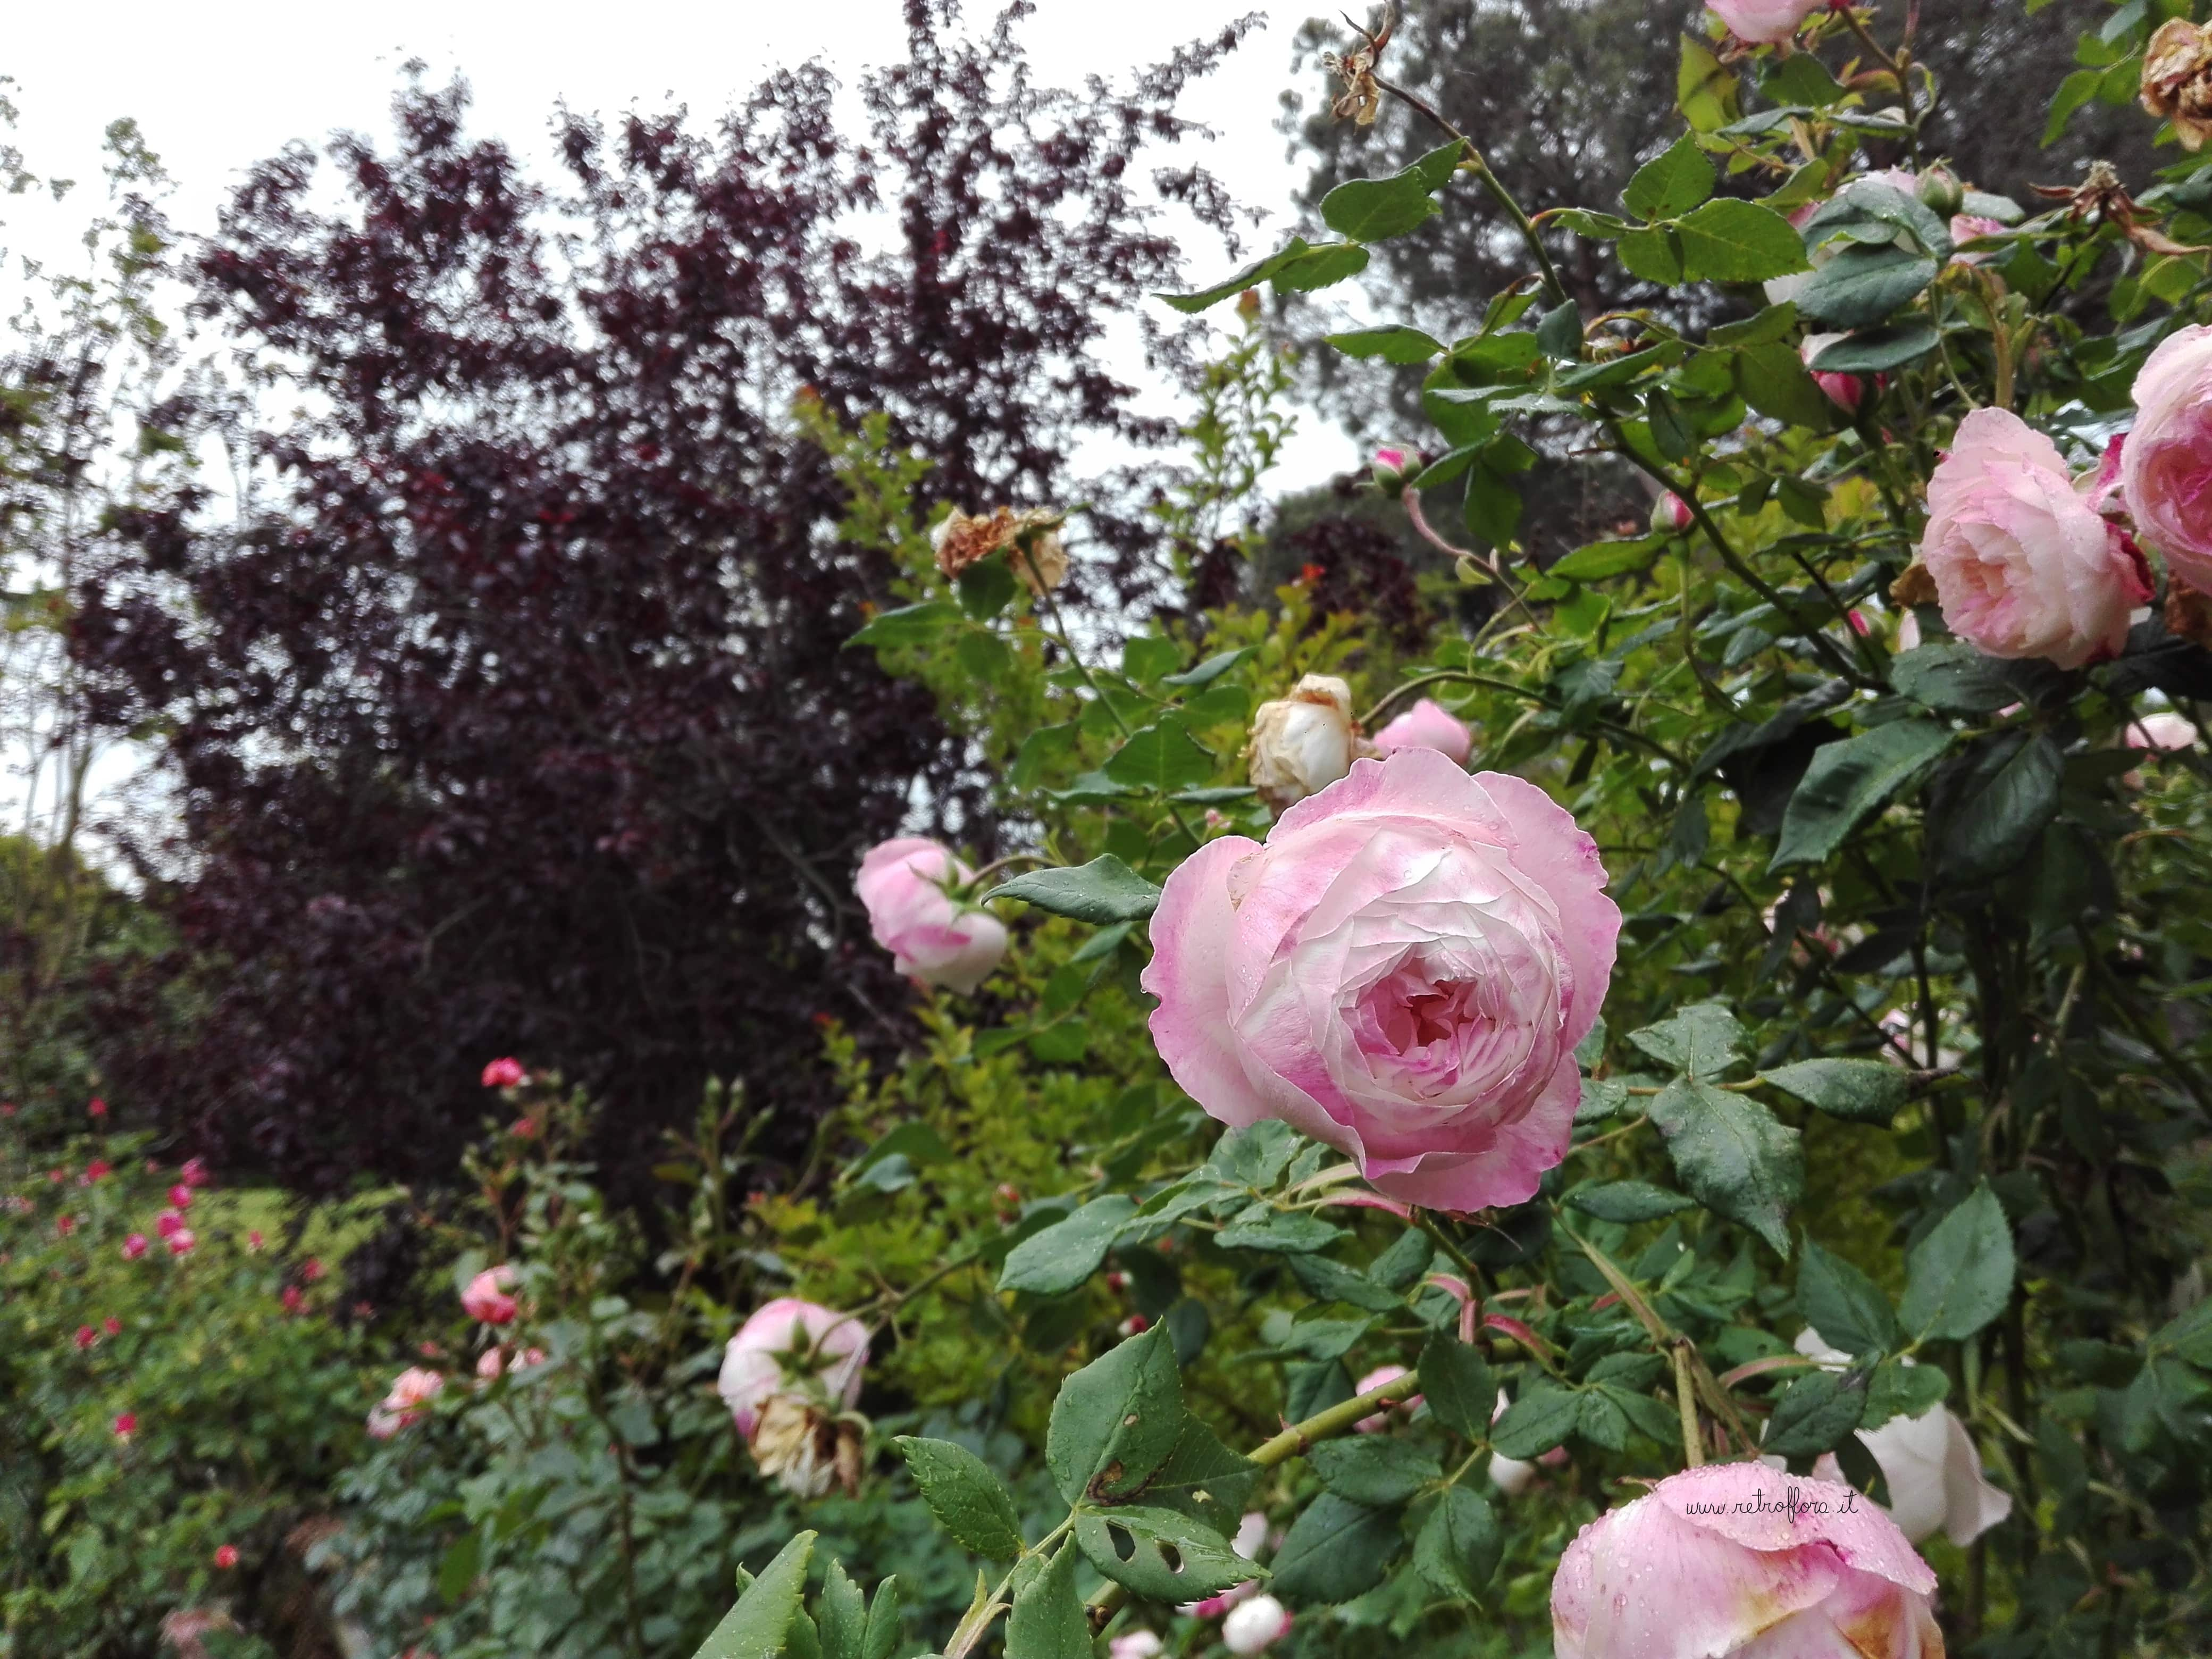 Il Giardino di Virginia Woolf, fiori libri recensione, rose rosa